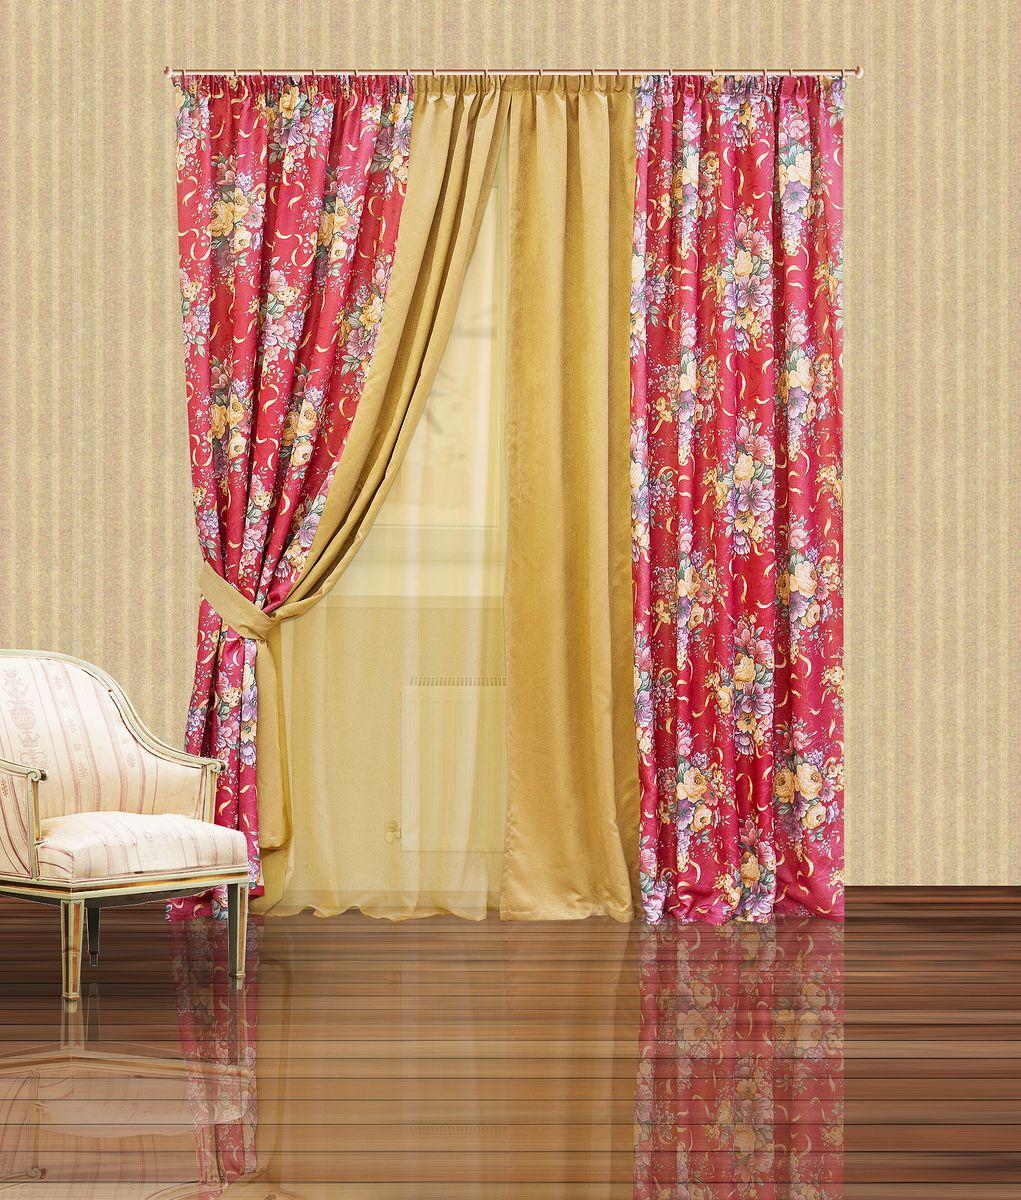 Комплект штор Zlata Korunka, на ленте, цвет: бордовый, бежевый, высота 250 см. 5555710503Комплект штор Zlata Korunka, выполненный из полиэстера, великолепно украсит любое окно. Комплект состоит из тюля, двух штор и двух подхватов. Крупный цветочный рисунок и приятная цветовая гамма привлекут к себе внимание и органично впишутся в интерьер помещения. Этот комплект будет долгое время радовать вас и вашу семью!Комплект крепится на карниз при помощи ленты, которая поможет красиво и равномерно задрапировать верх.В комплект входит: Тюль: 1 шт. Размер (Ш х В): 400 х 250 см. Штора: 2 шт. Размер (Ш х В): 200 х 250 см.Подхват: 2 шт. Размер (Ш х Д): 10 х 60 см.